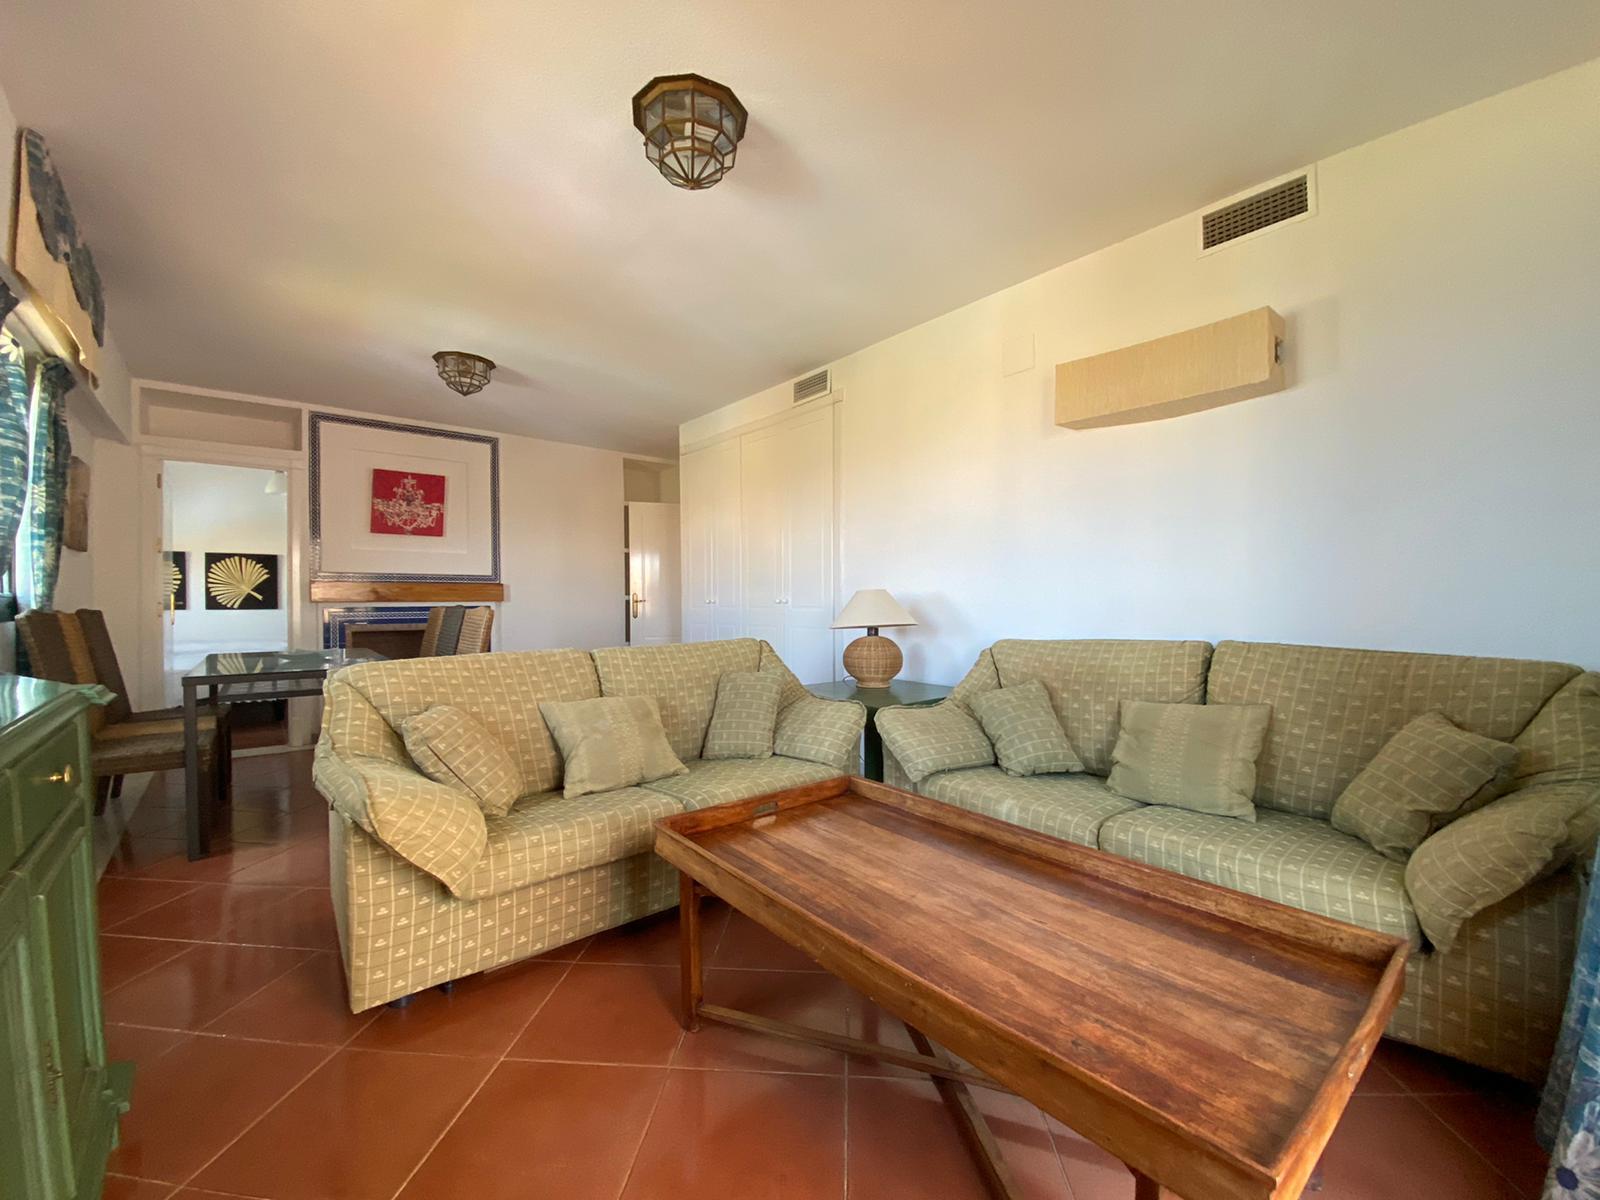 Imagen 7 del Vivienda Turística, Ático 93 (3d+2b), Isla Canela (HUELVA), Avda. de las Codornices nº 24 bloque 1-3